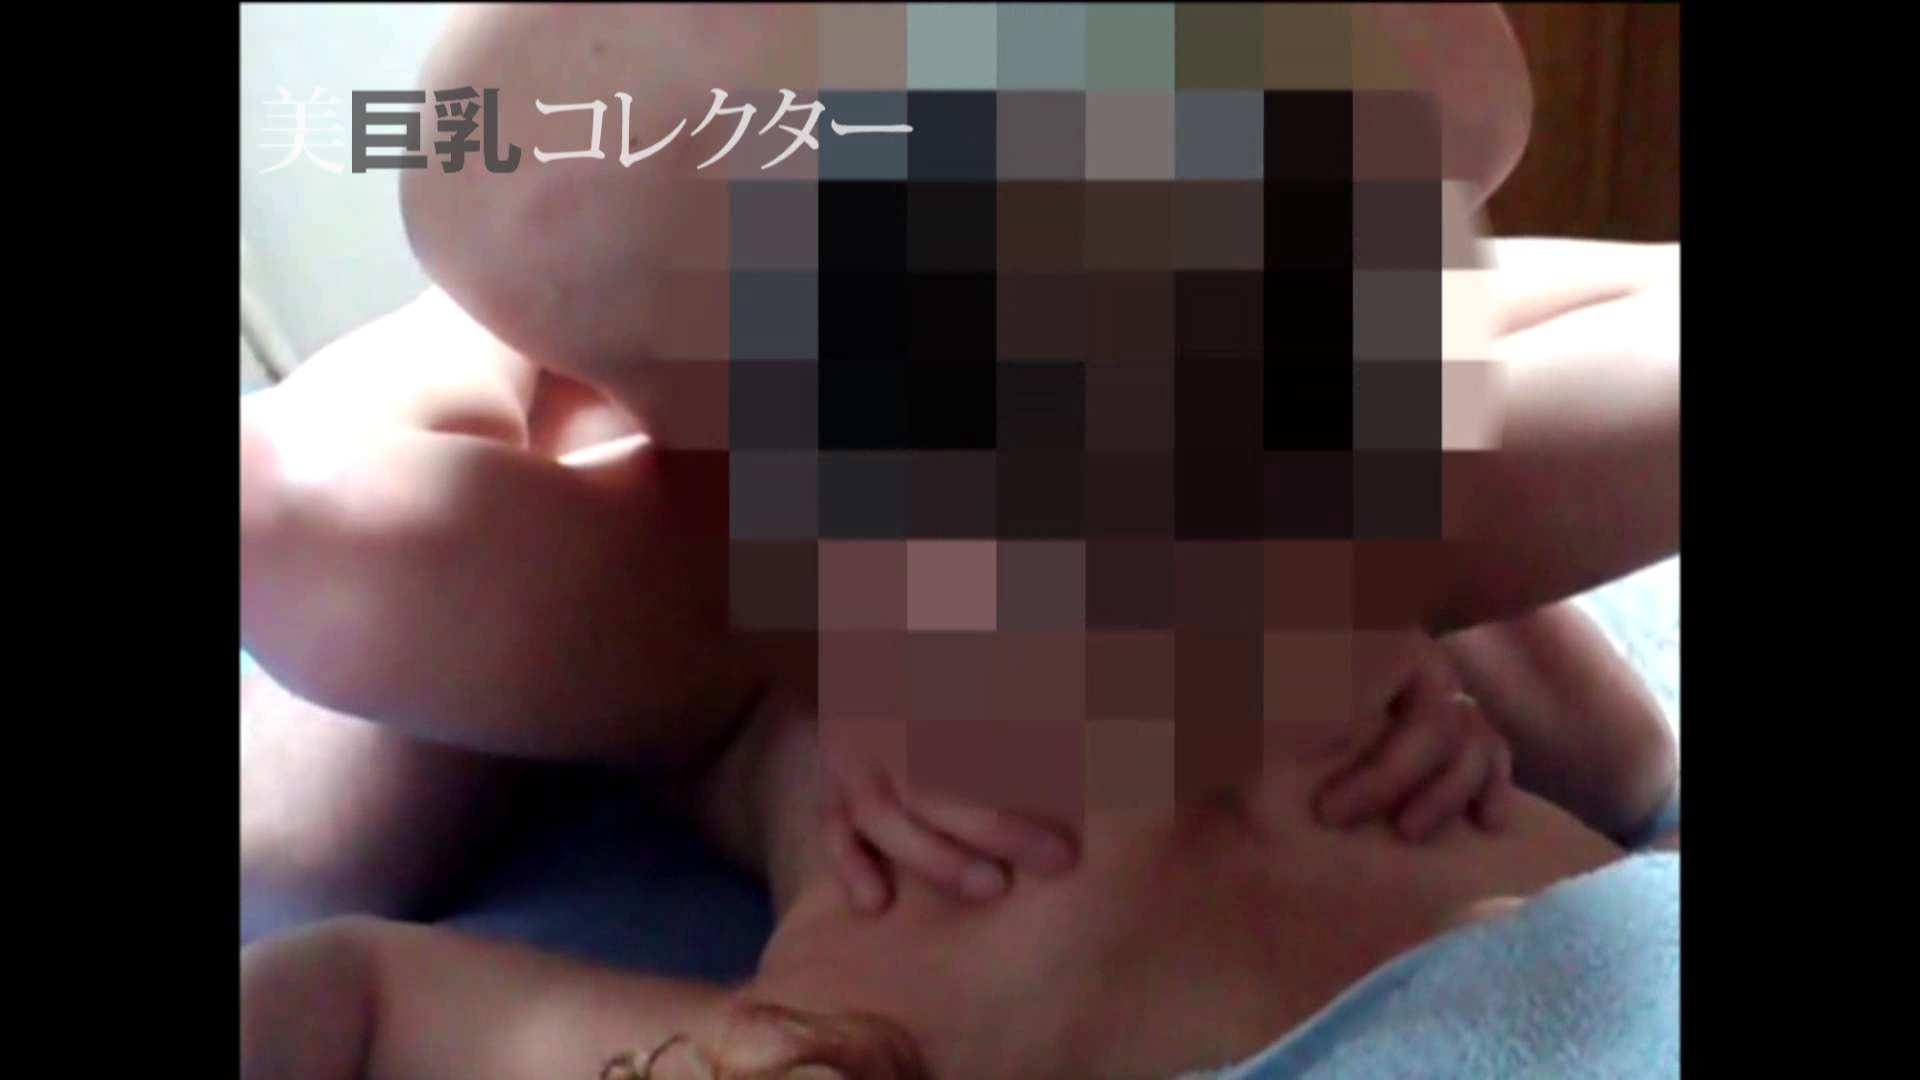 泥酔スレンダー巨乳美女2 美女 | 巨乳  99pic 2